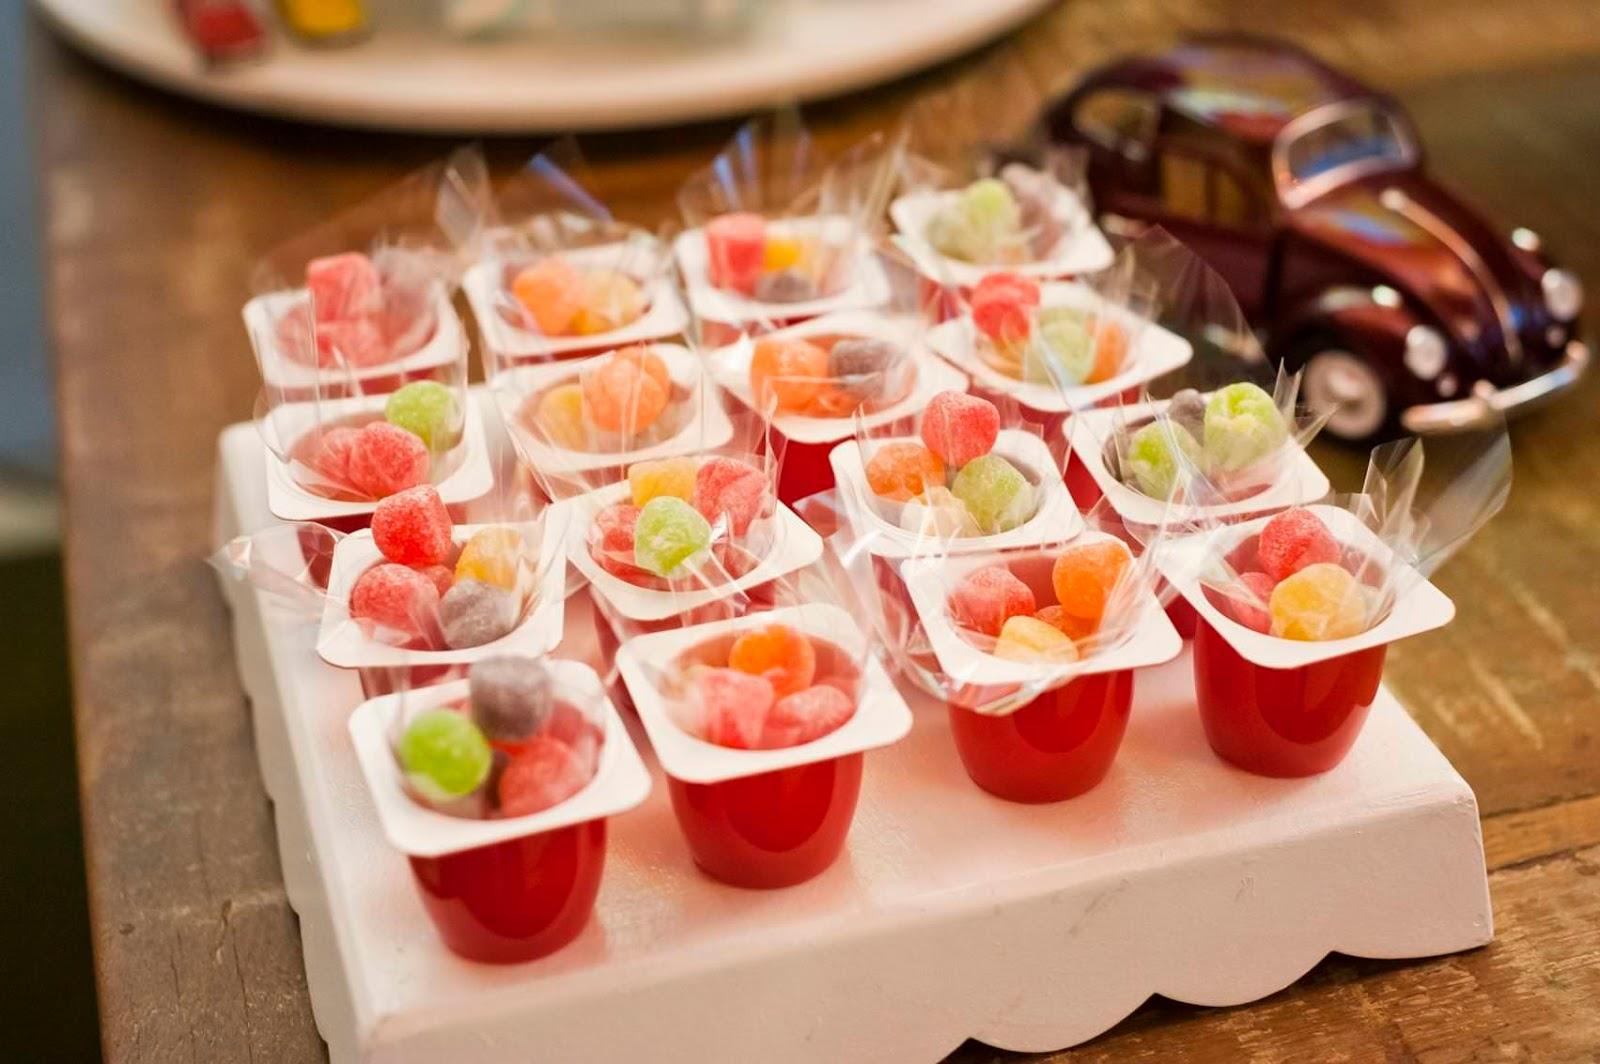 Uma linda promessa ideias de doces criativos para sua festa - Capazos baratos para decorar ...